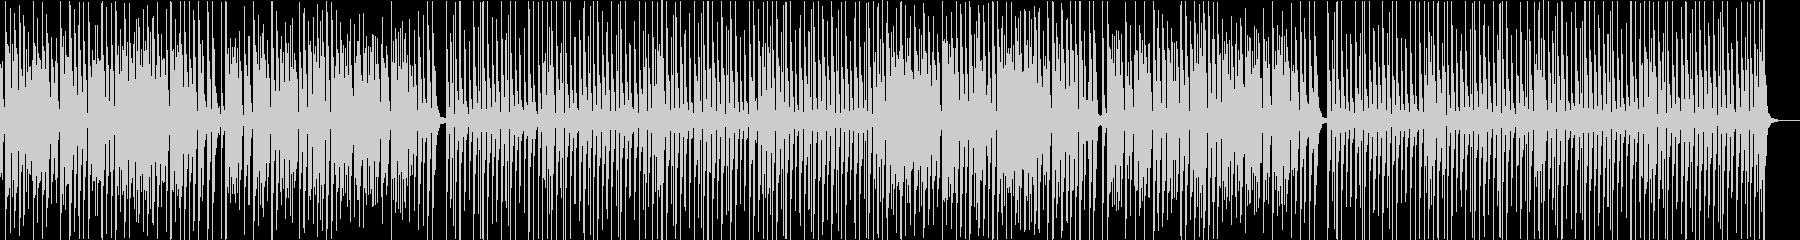 ギャグ・おとぼけ・コミカルなポップの未再生の波形